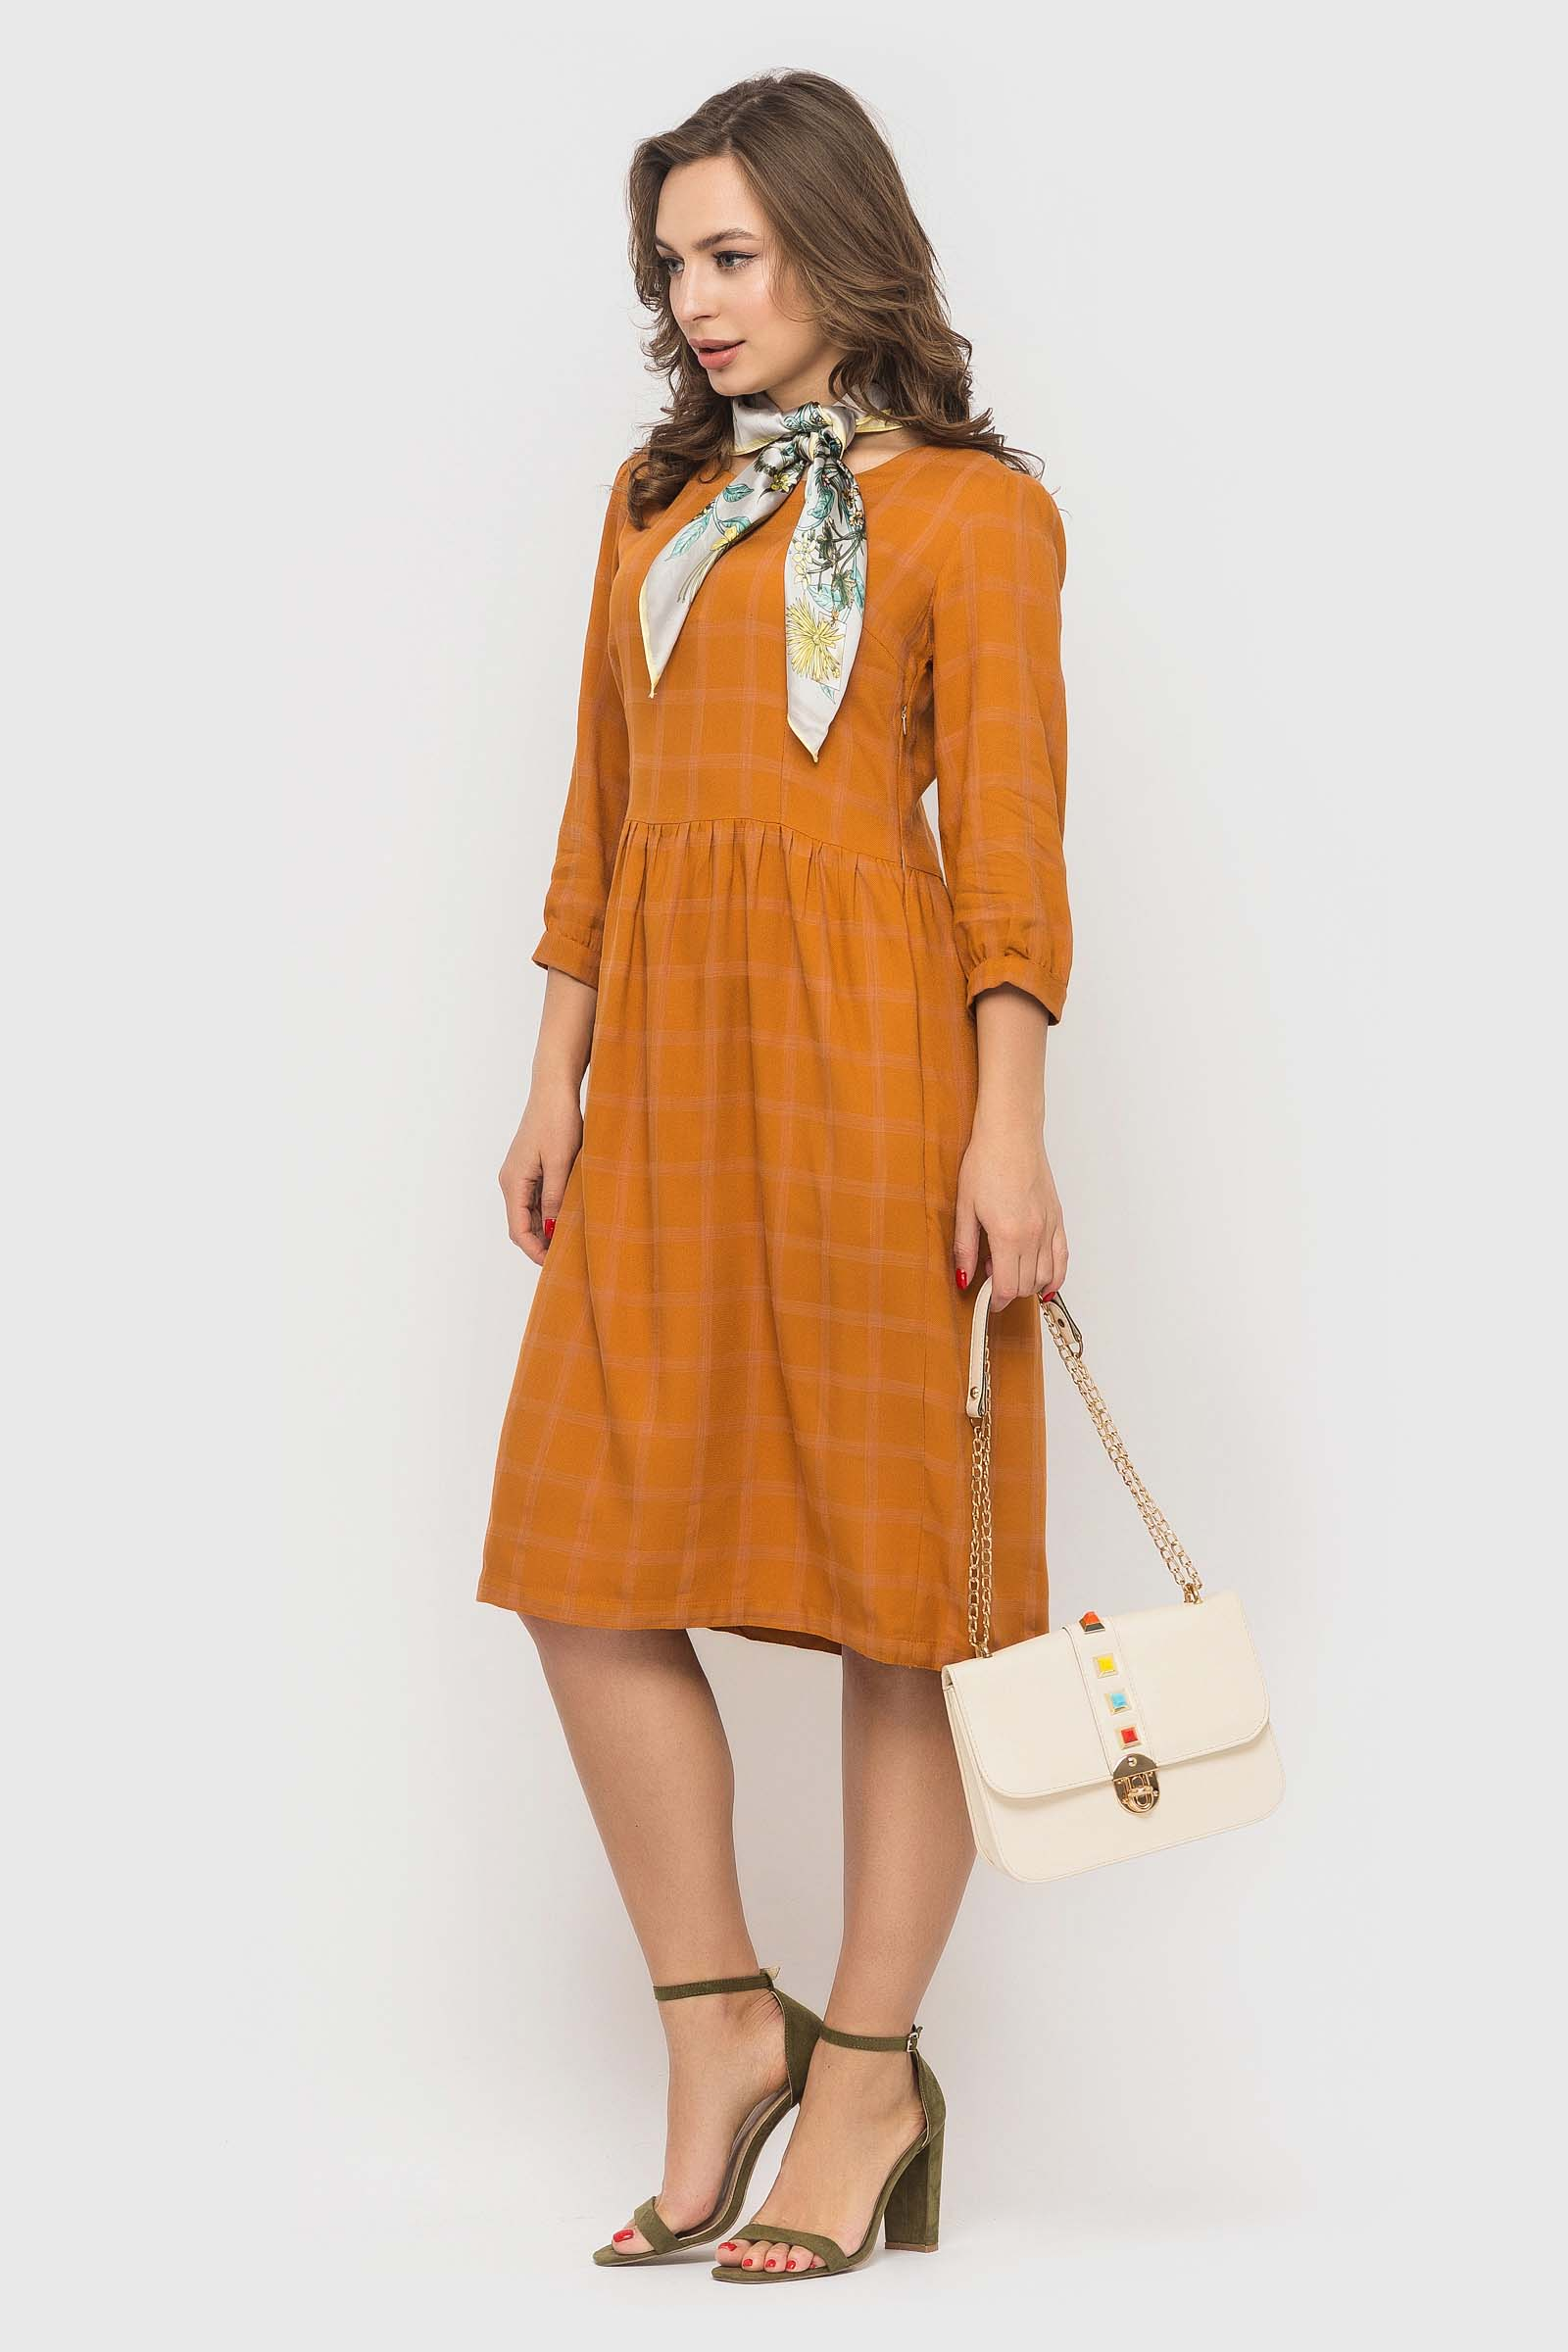 be art 2020 04 07182983 Купить платье